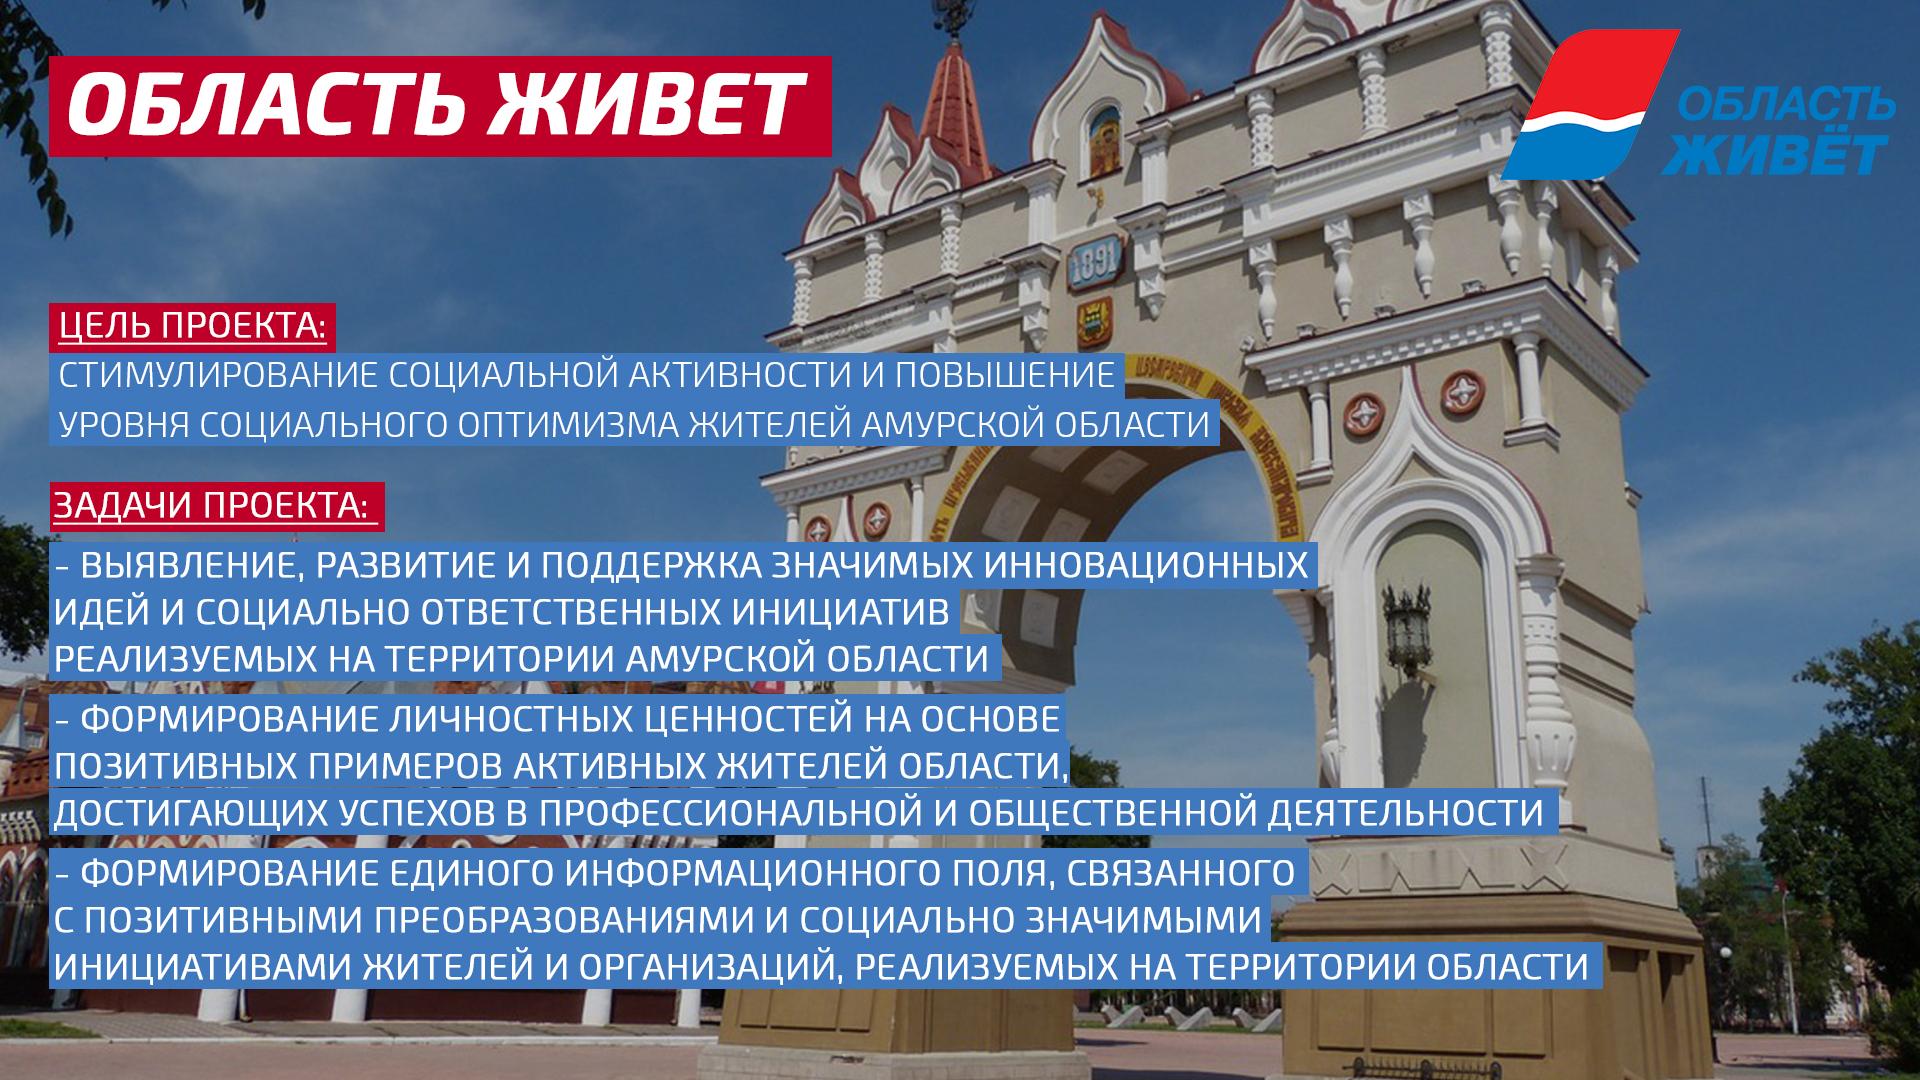 Общественники Амурской области запускают масштабный проект «Область живет»